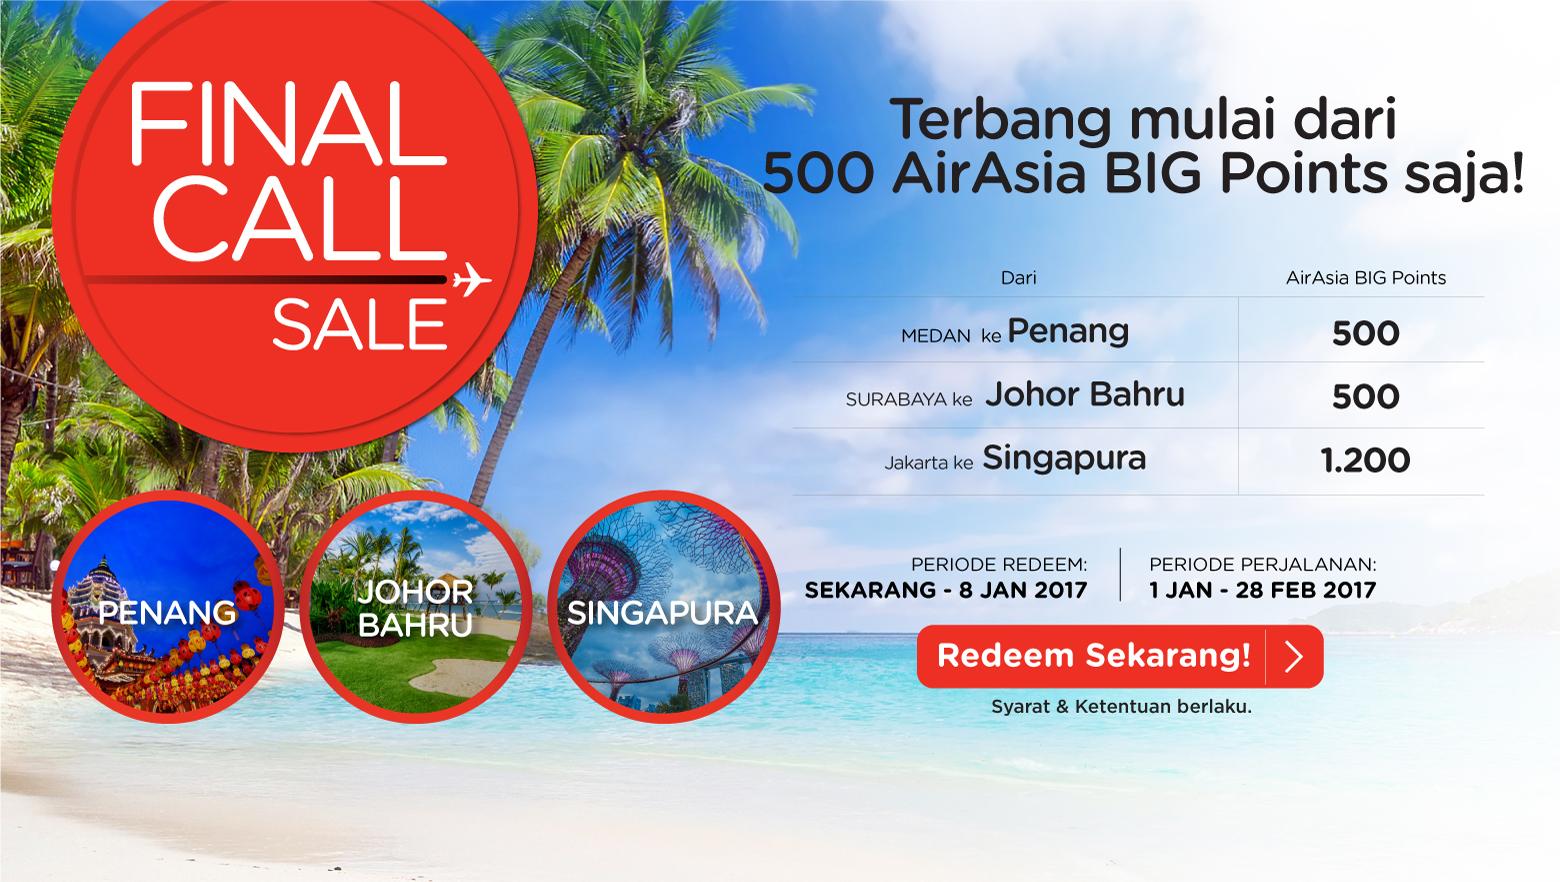 Airasia Final Call 2 – 8 Jan 2017